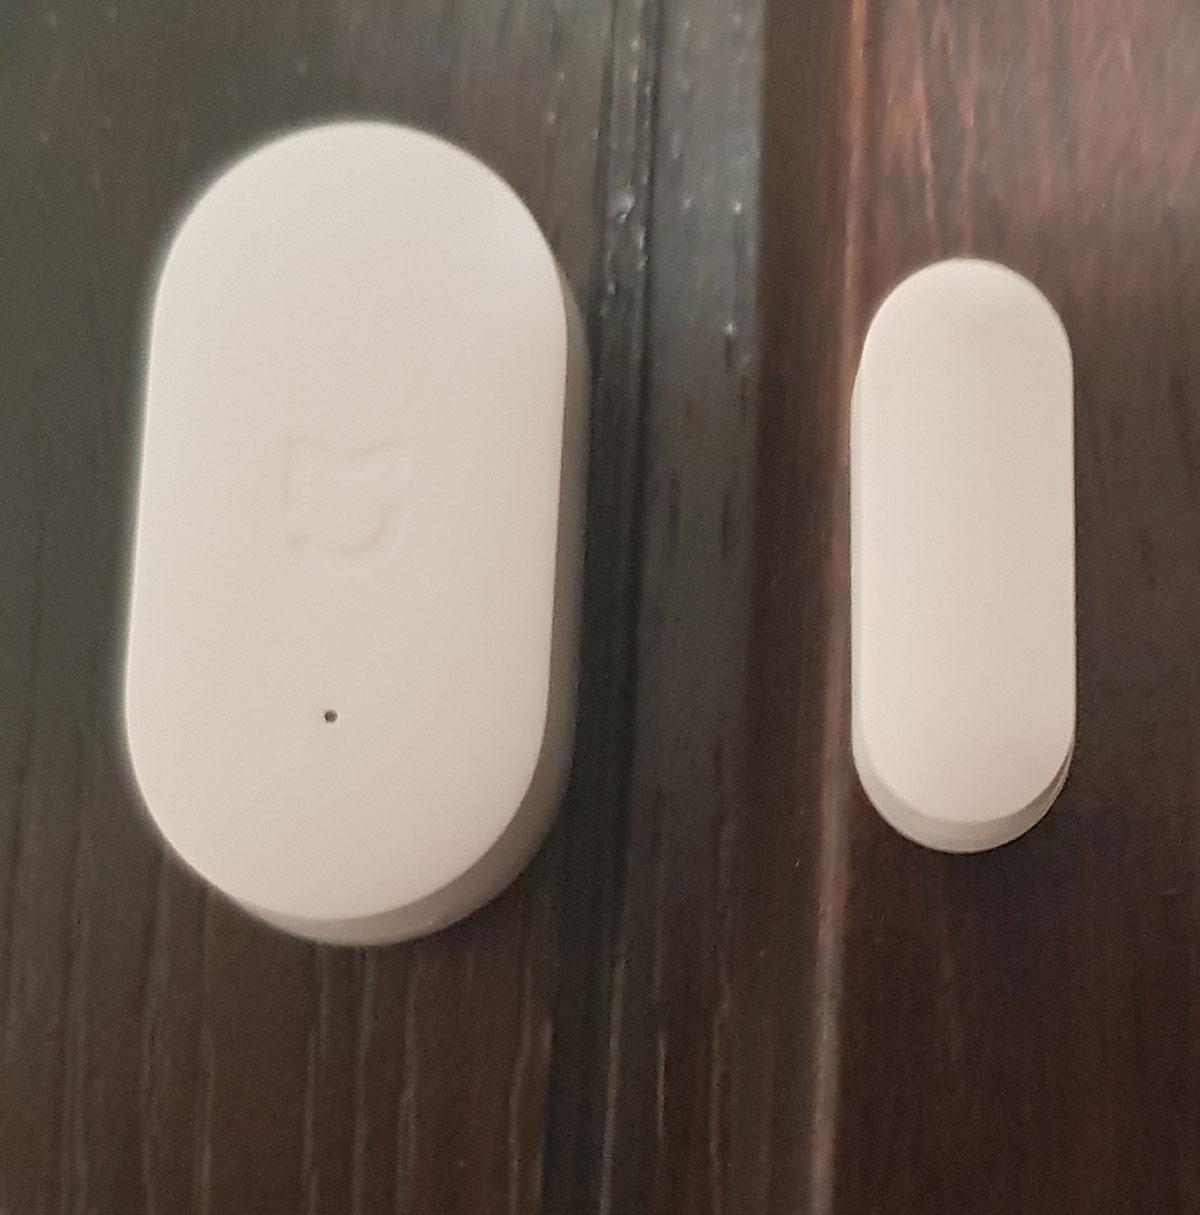 xiaomi kapı sensörü